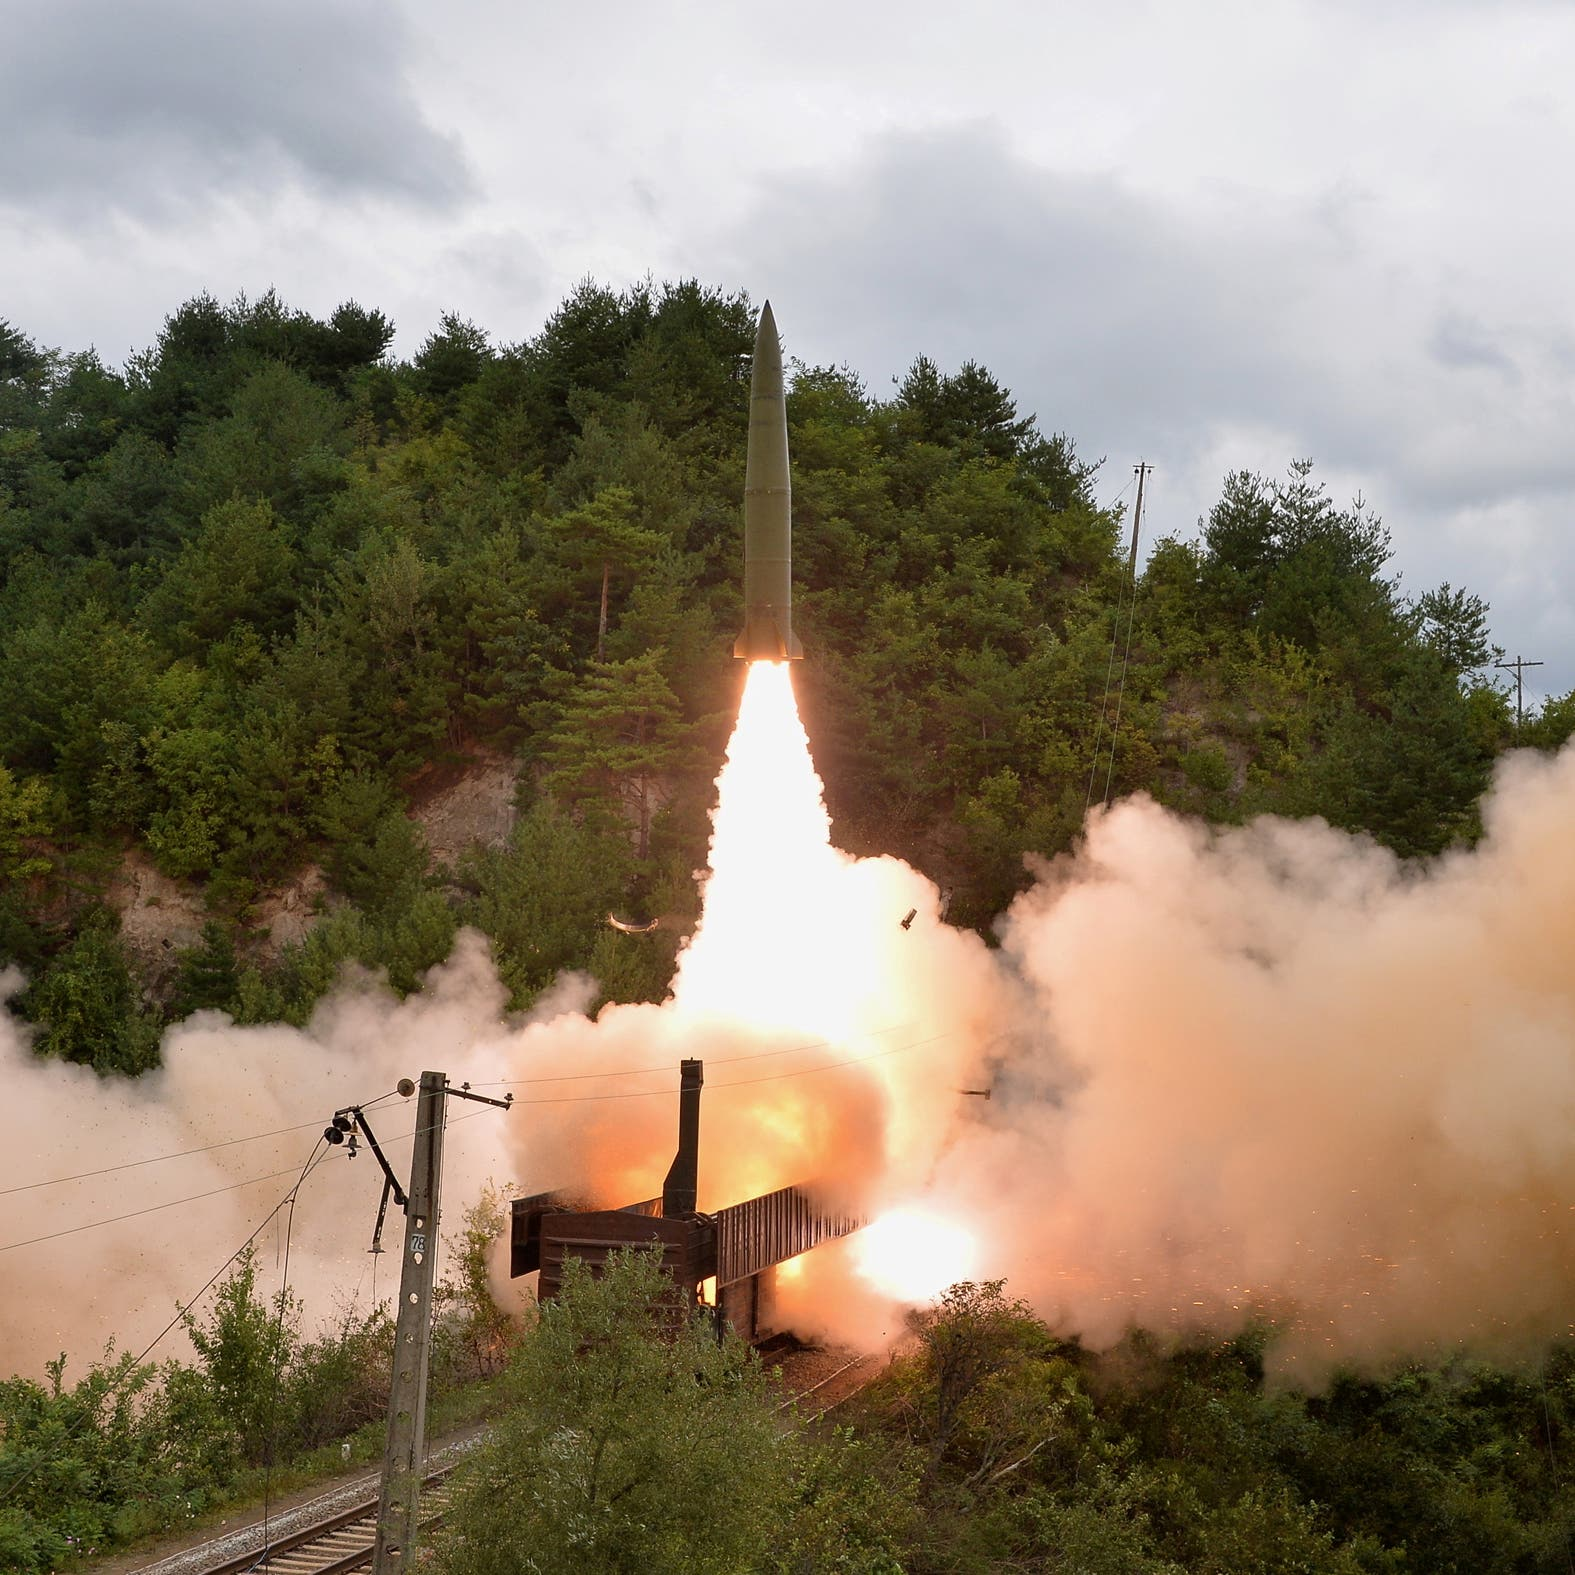 كوريا الشمالية تتهم مجلس الأمن الدولي بازدواجية المعايير